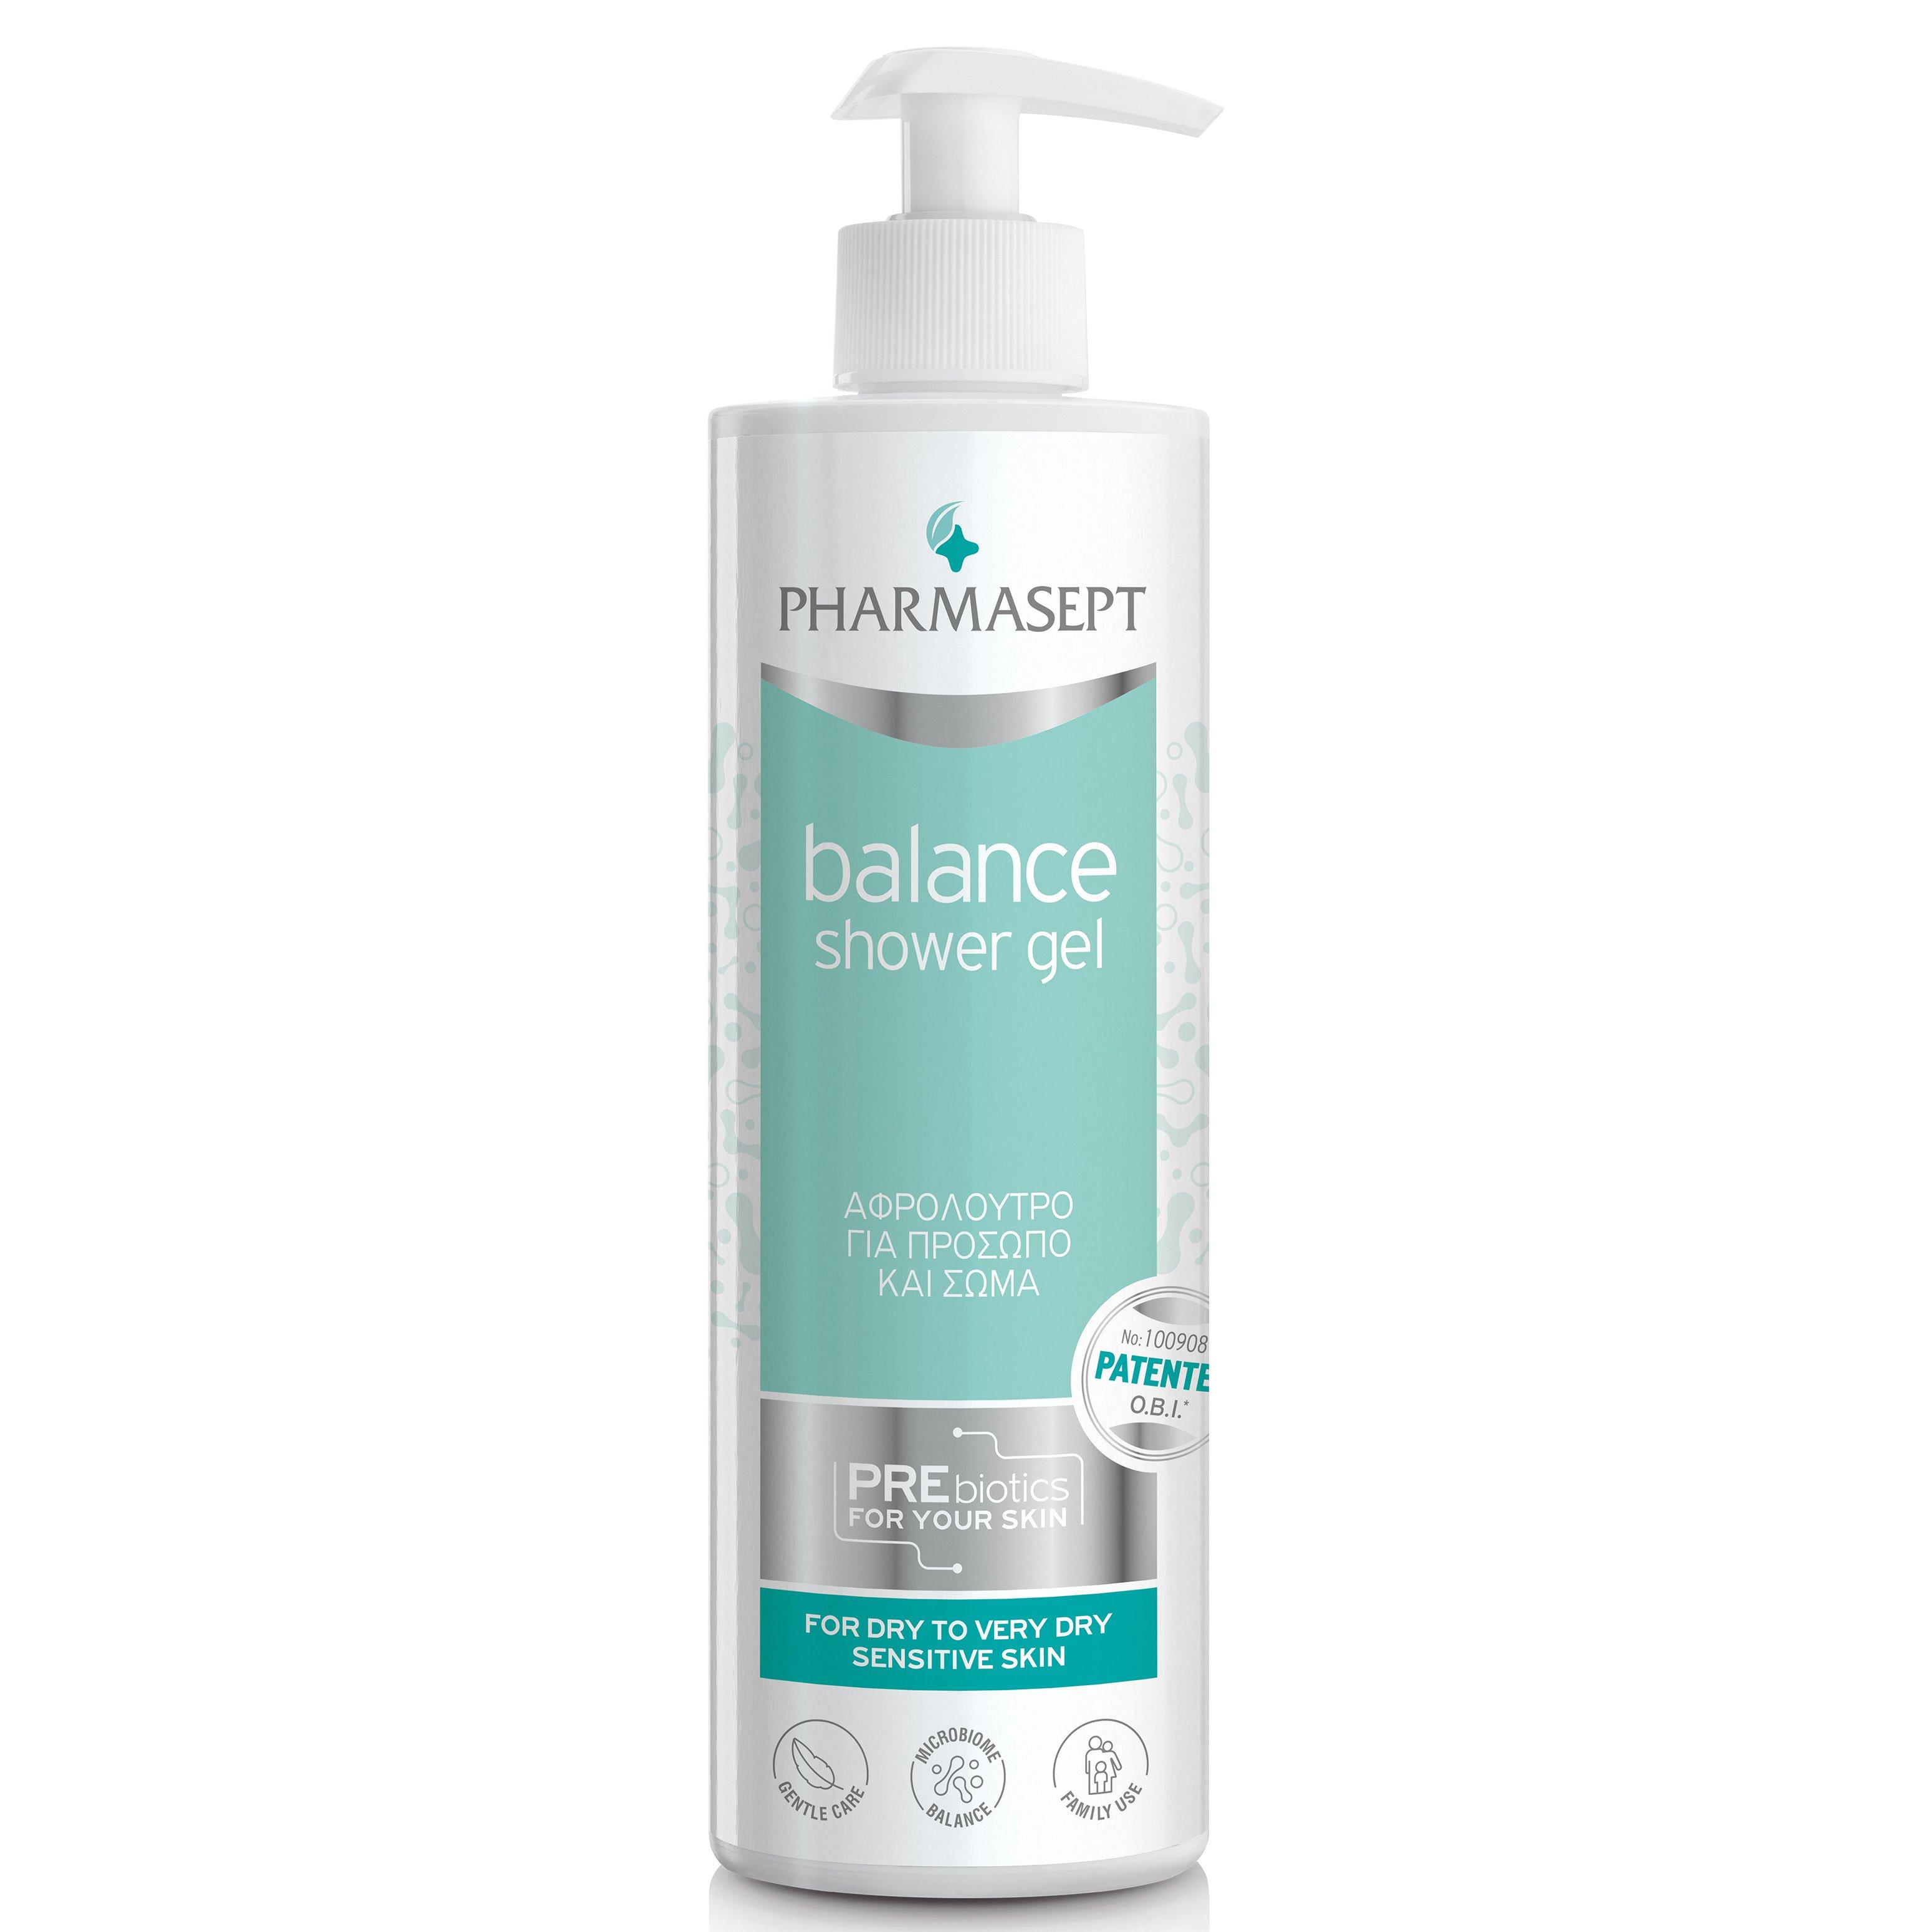 Pharmasept Balance Shower Gel Αφρόλουτρο Καθημερινής Χρήσης για Πρόσωπο & Σώμα 500ml